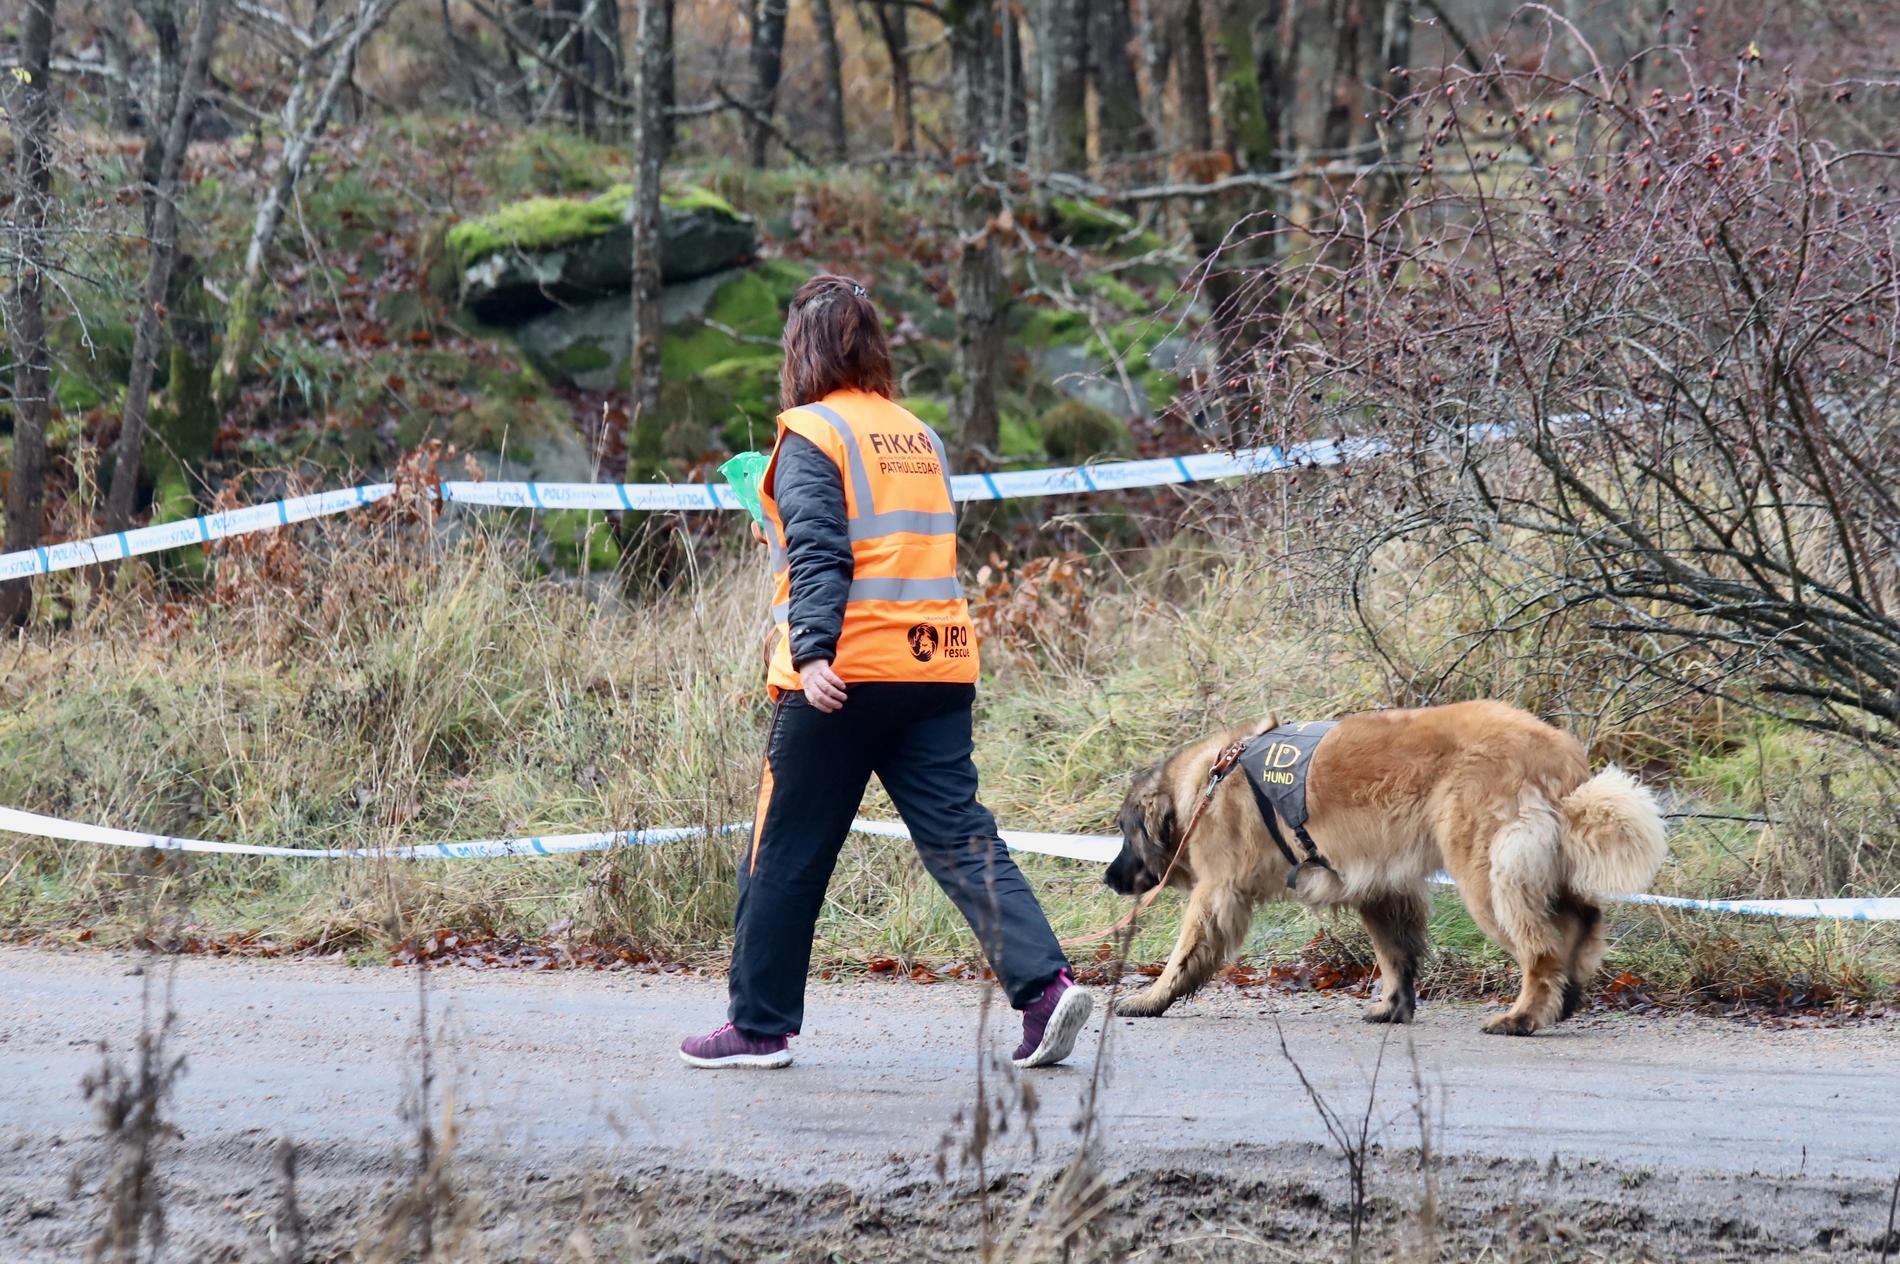 Flera fynd har gjorts i terrängen som kan ha koppling till Wilma som ännu inte är anträffad.